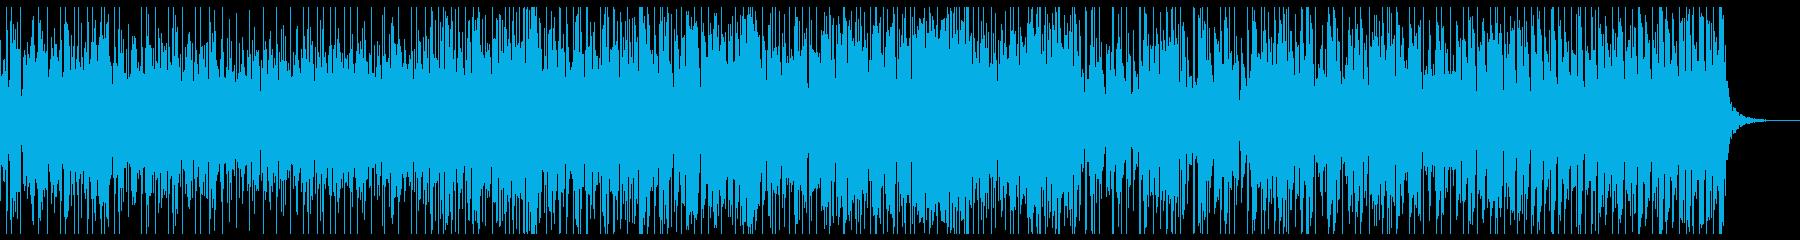 ダークなテクノ・ミュージックの再生済みの波形